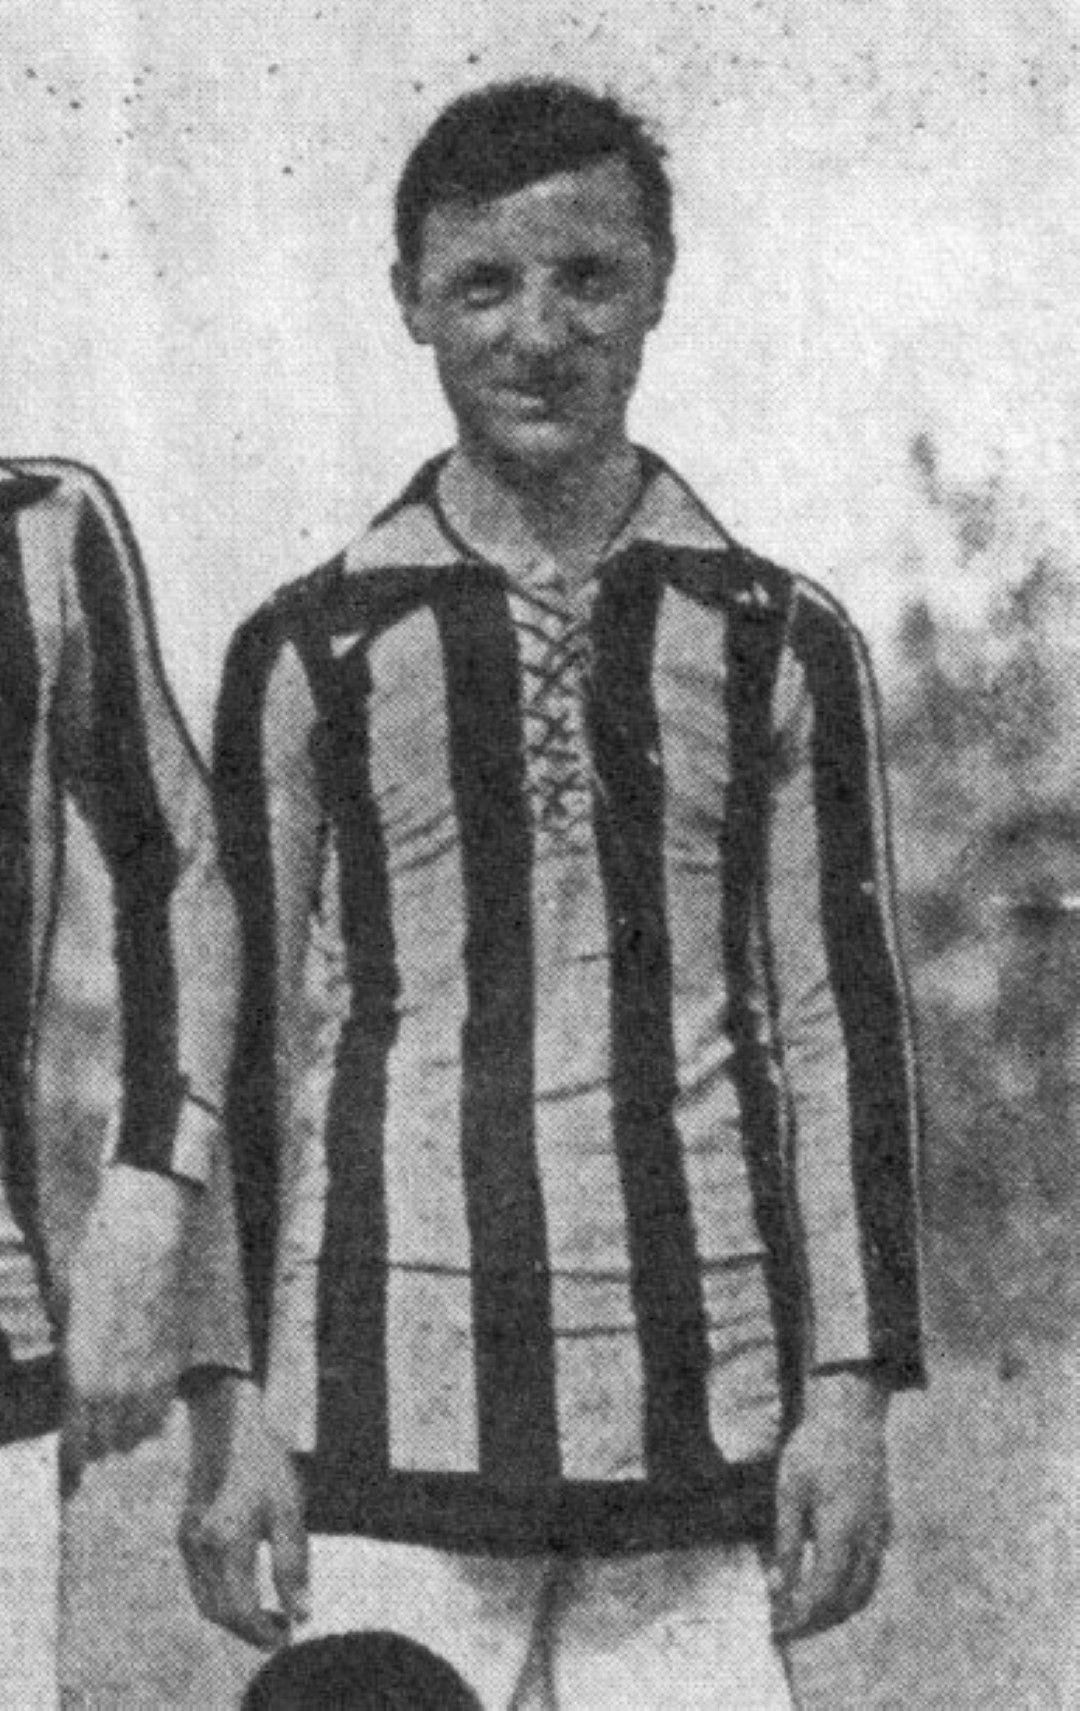 """Луиджи Чевенини играе за трите гранда между 1911 г. (на 16 дебютира за """"Милан"""") и 1930 г., а в този период носи екипа и на """"Новезе"""" за един сезон. Най-много мачове записва в трите си периода в """"Интер"""" (на снимката), като се гордее с над 150 попадения за клуба. Шампион със """"синьо-черните"""" и с """"Новезе""""."""